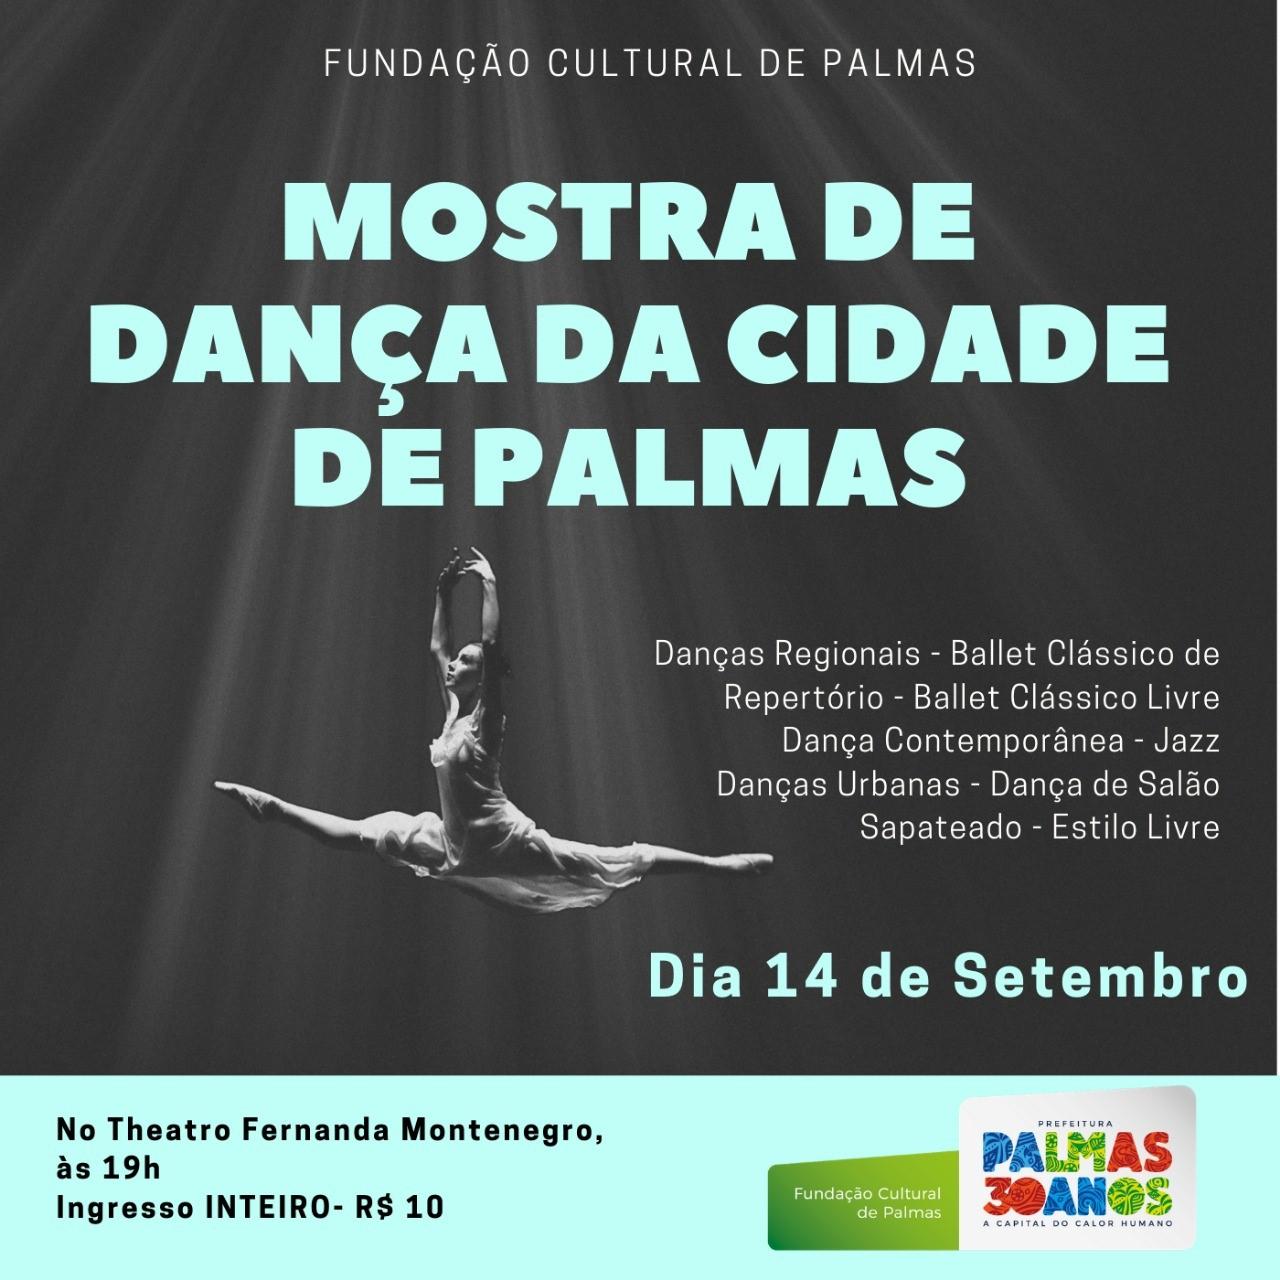 Mostra de Dança da Cidade de Palmas contará com apresentações de 20 coreografias